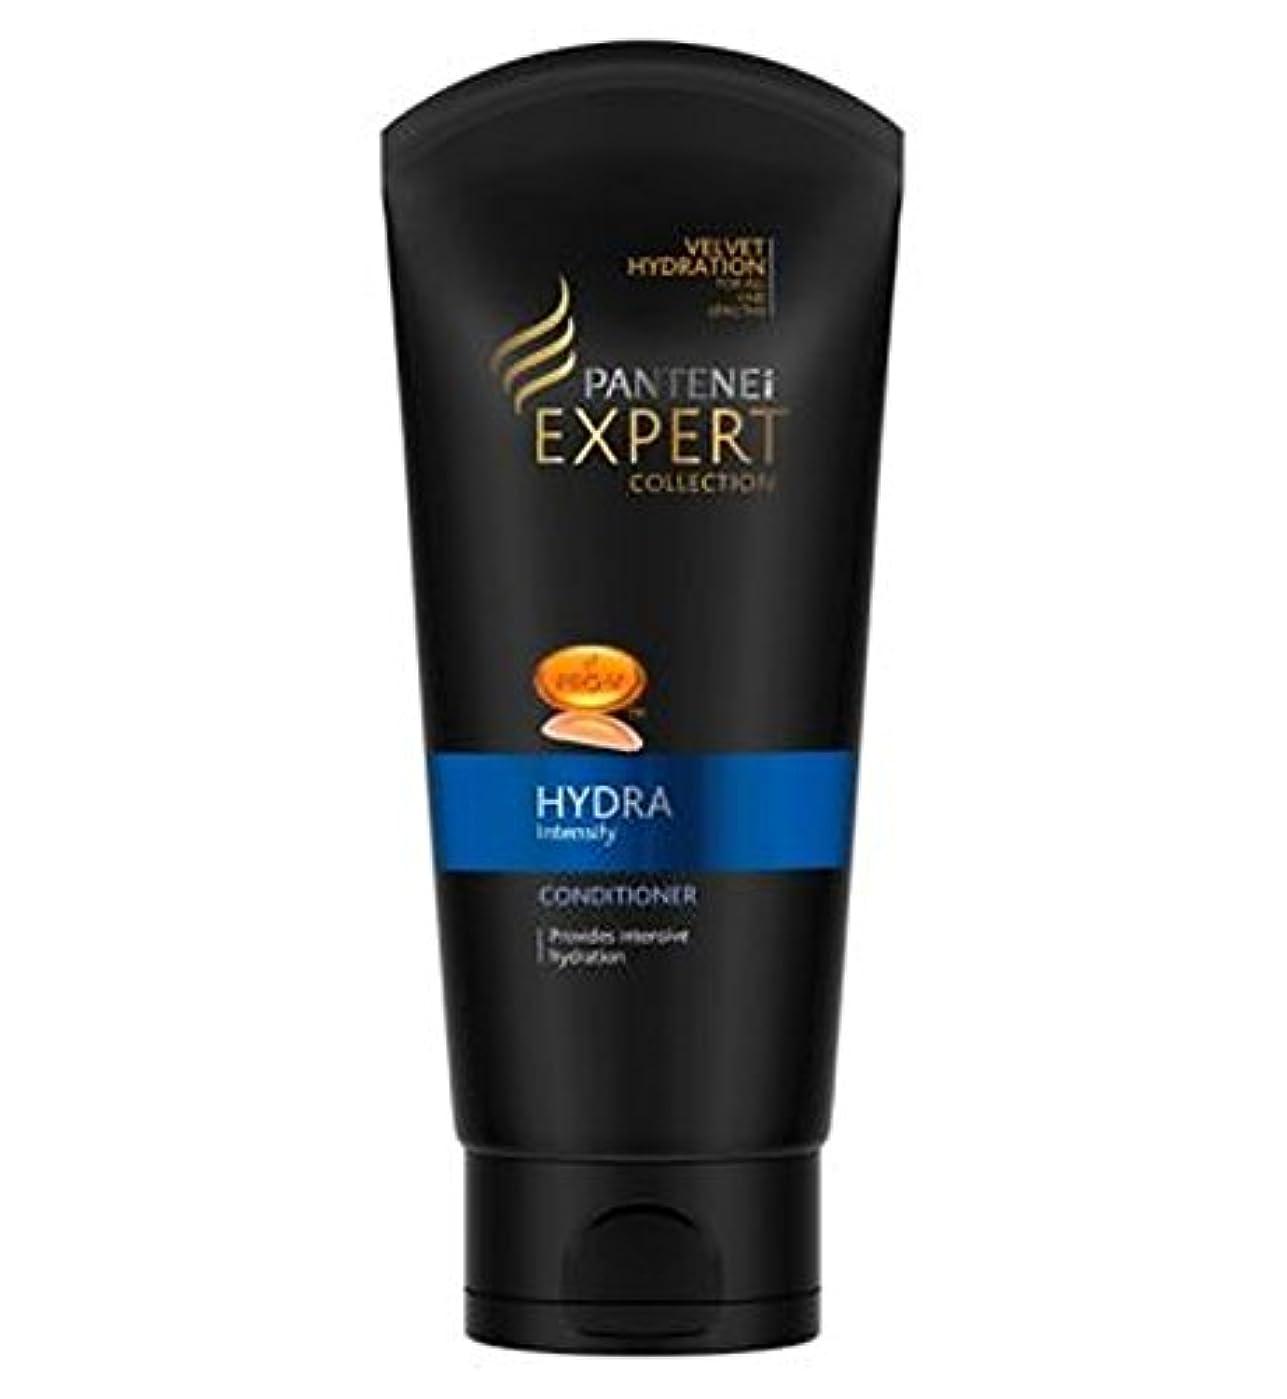 スクラッチチロ天文学Pantene Expert Collection Conditioner Hydra Intensify for dry hair 200ml - パンテーン専門家のコレクションコンディショナーヒドラは、乾いた髪の200...